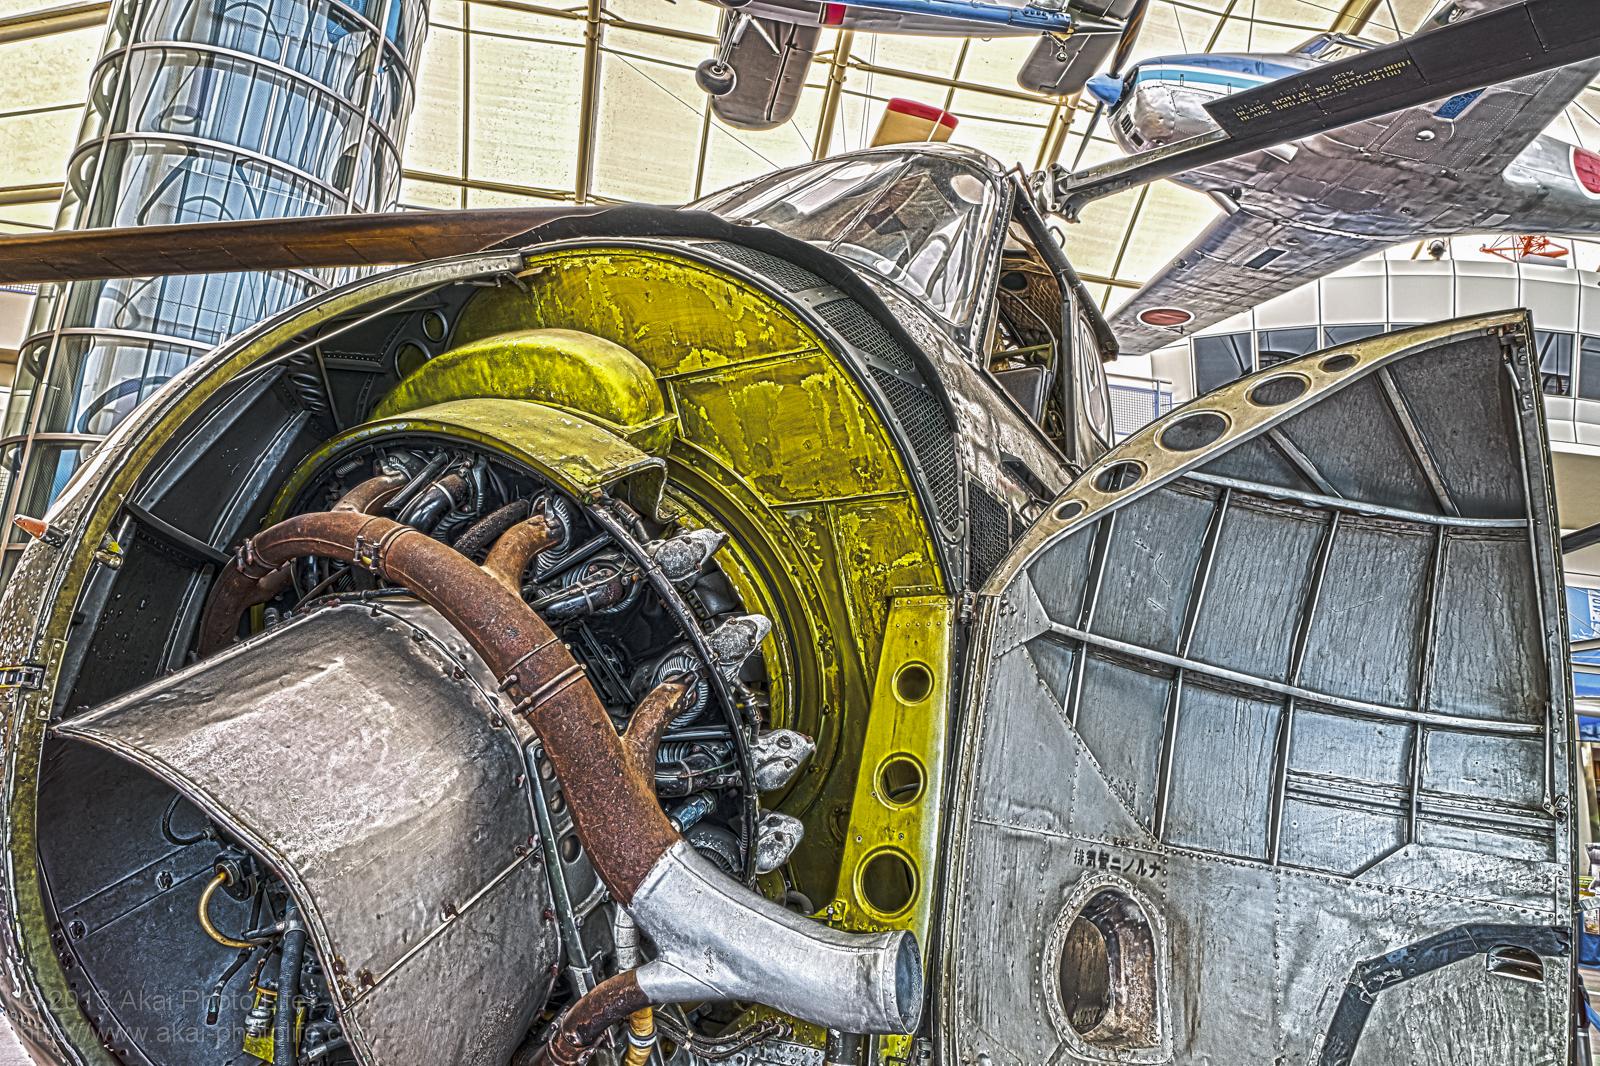 シコルスキー H-19、エンジンの写真 HDR